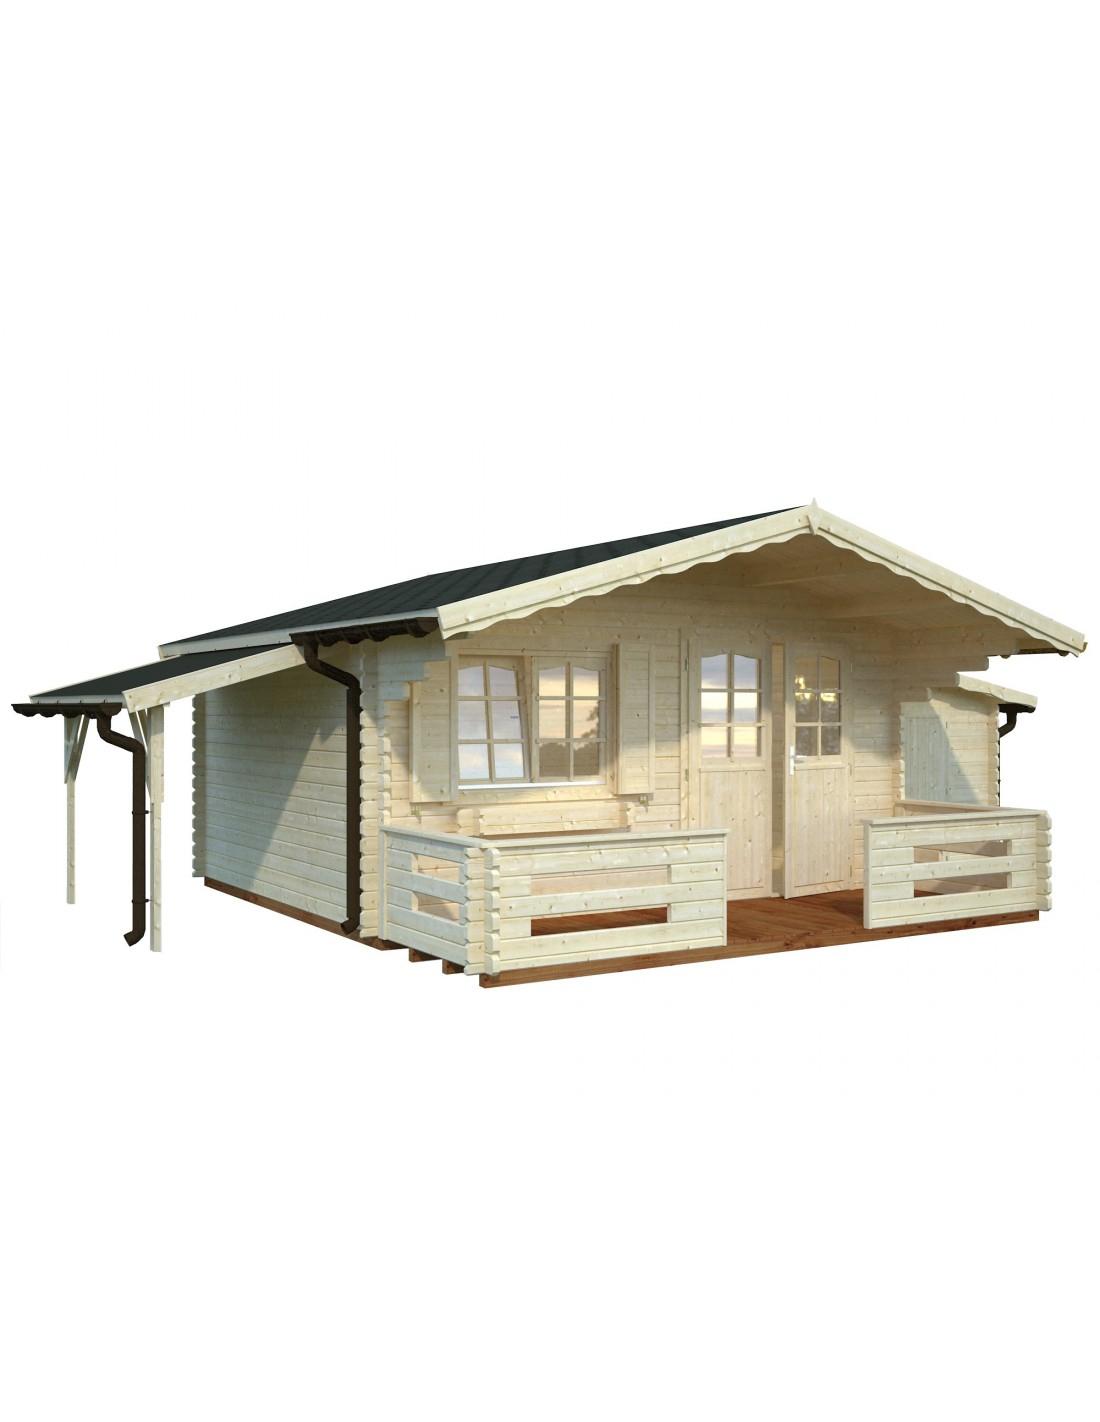 Abri De Jardin Sally 16.2 M² Avec Plancher – Serres-Et-Abris avec Abri De Jardin Avec Plancher